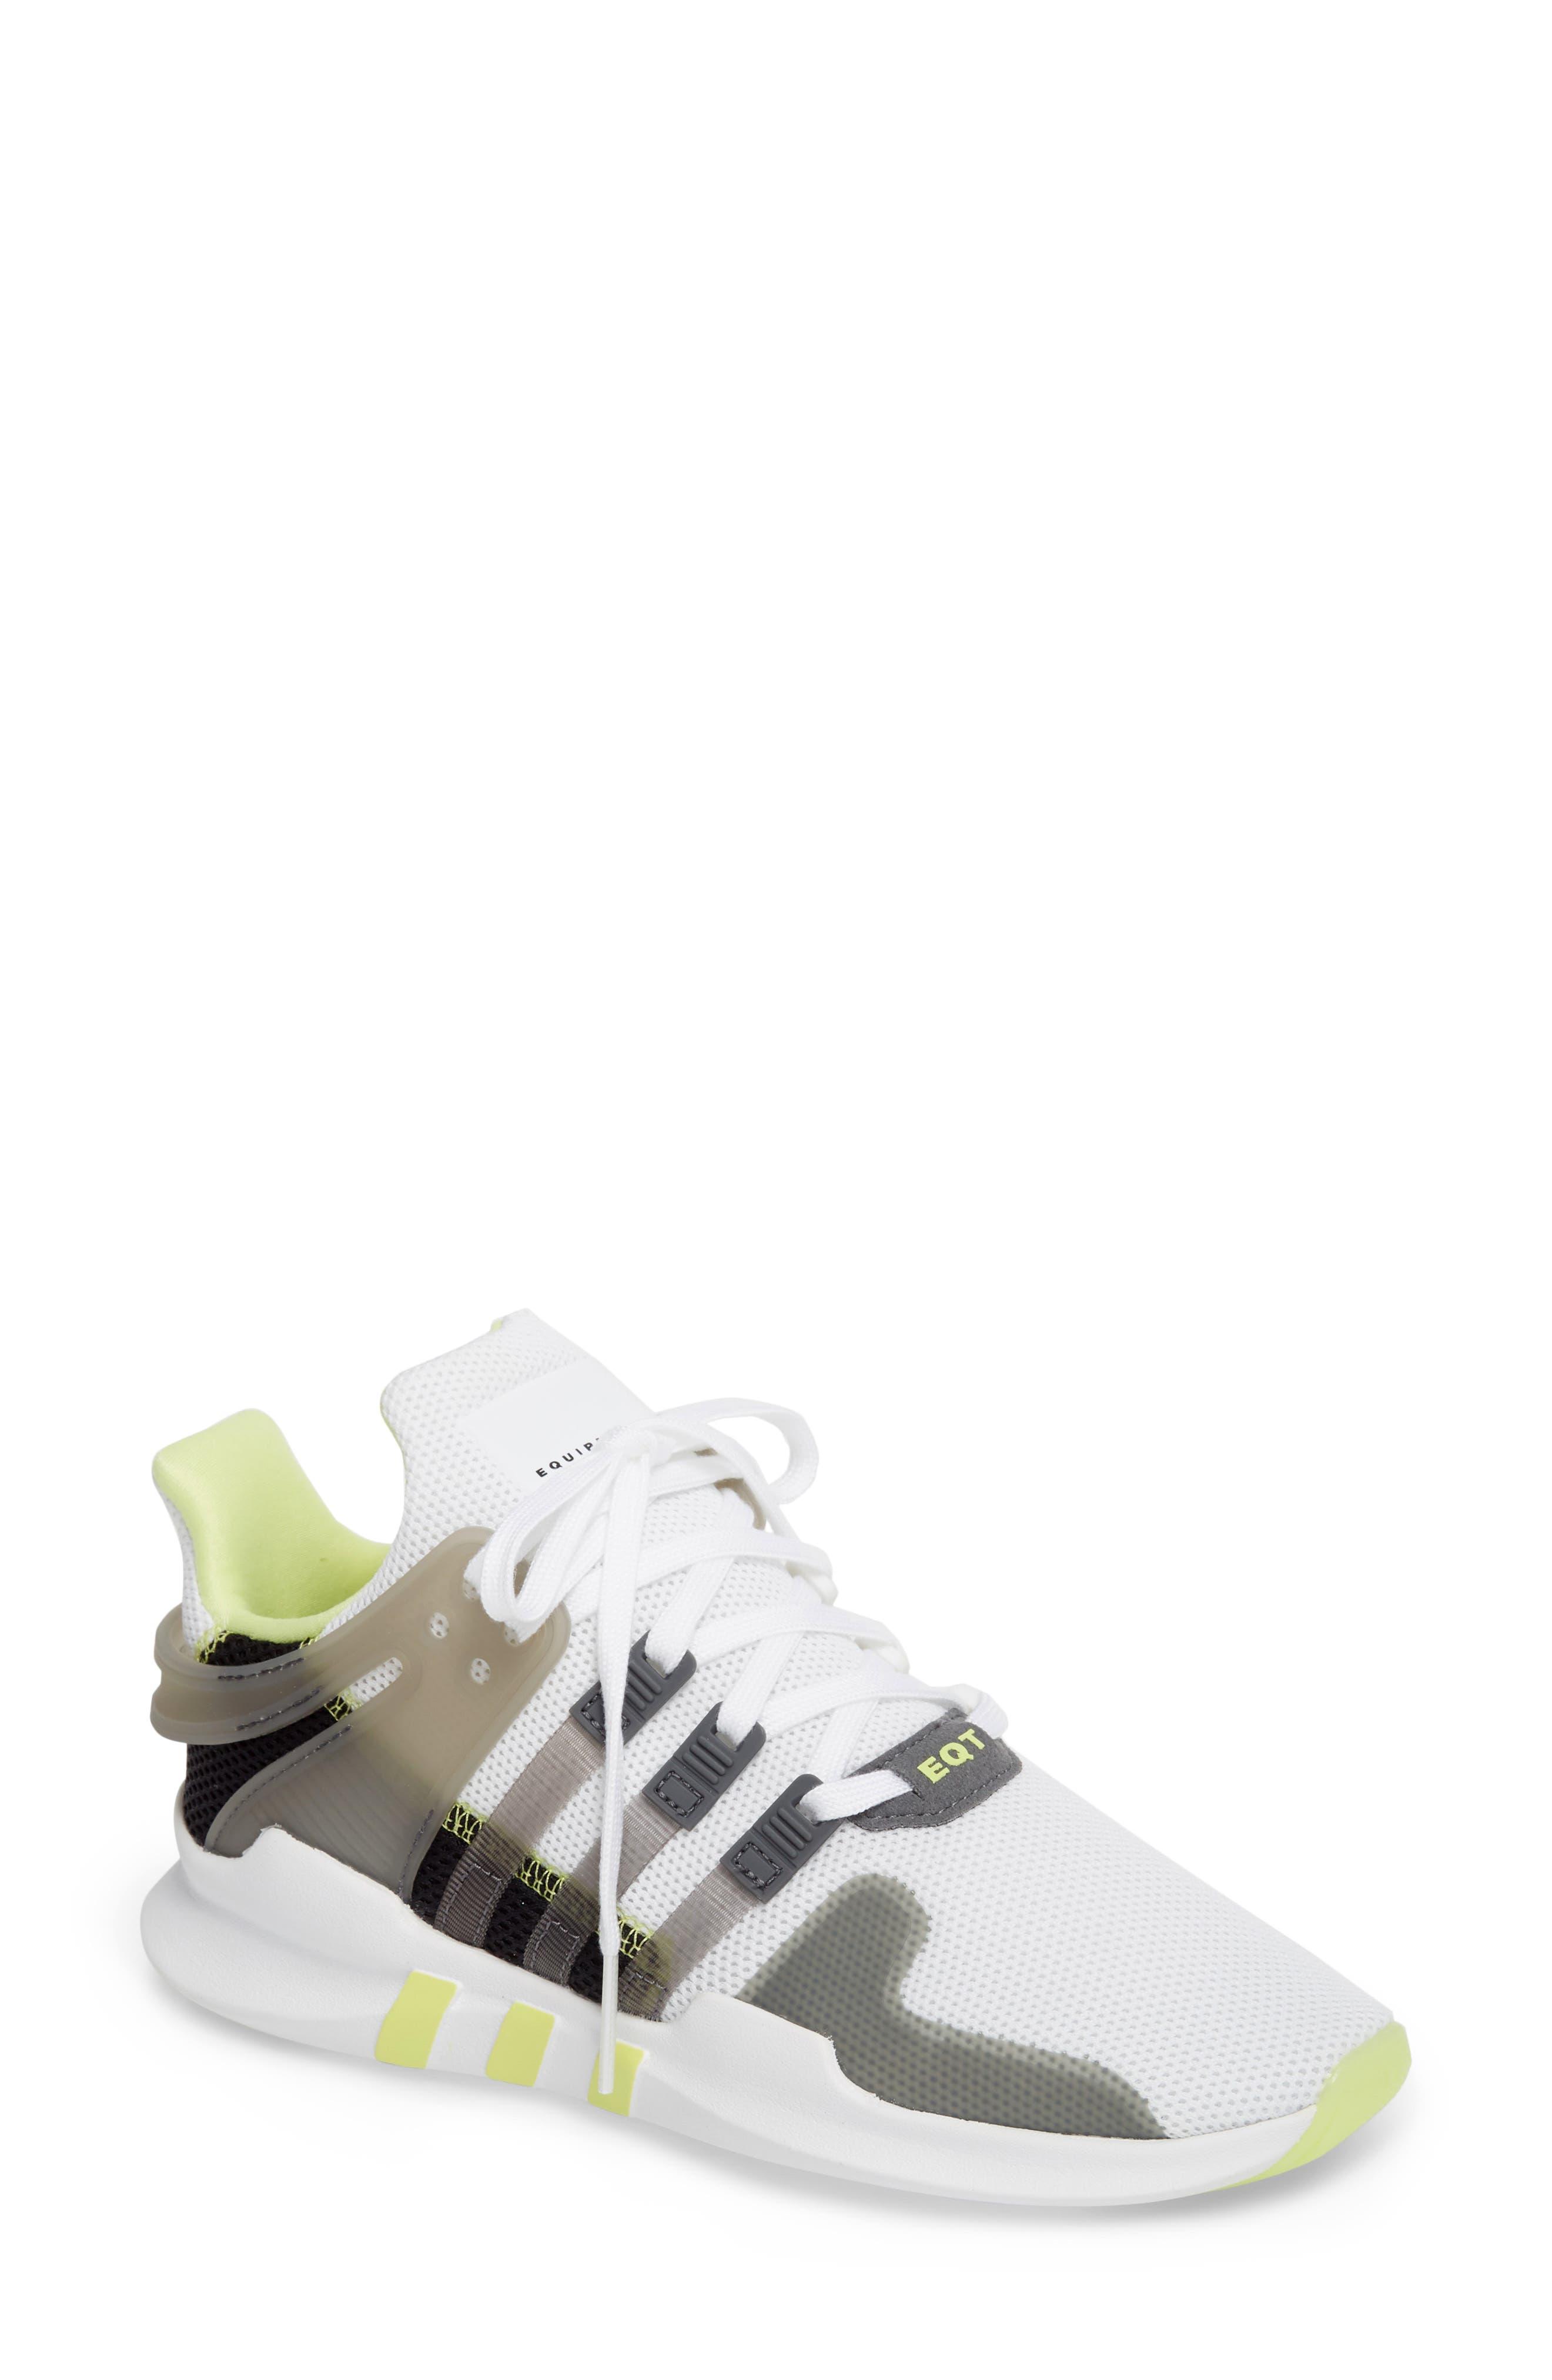 EQT Support Adv Sneaker, Main, color, 020